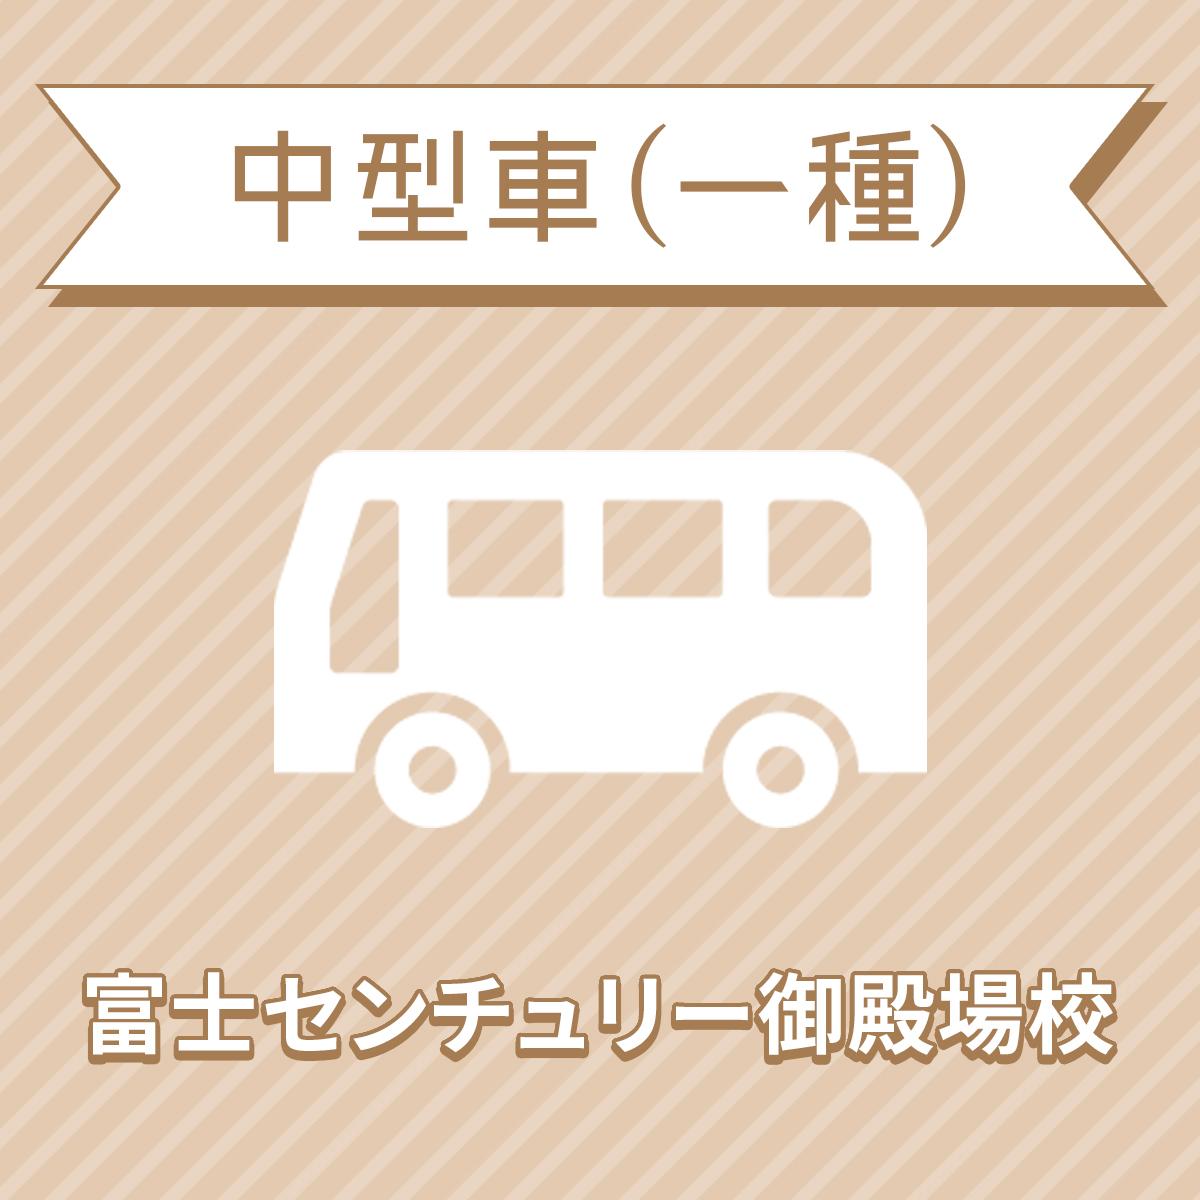 【静岡県裾野市】中型一種コース<5t限定MT免許所持対象>